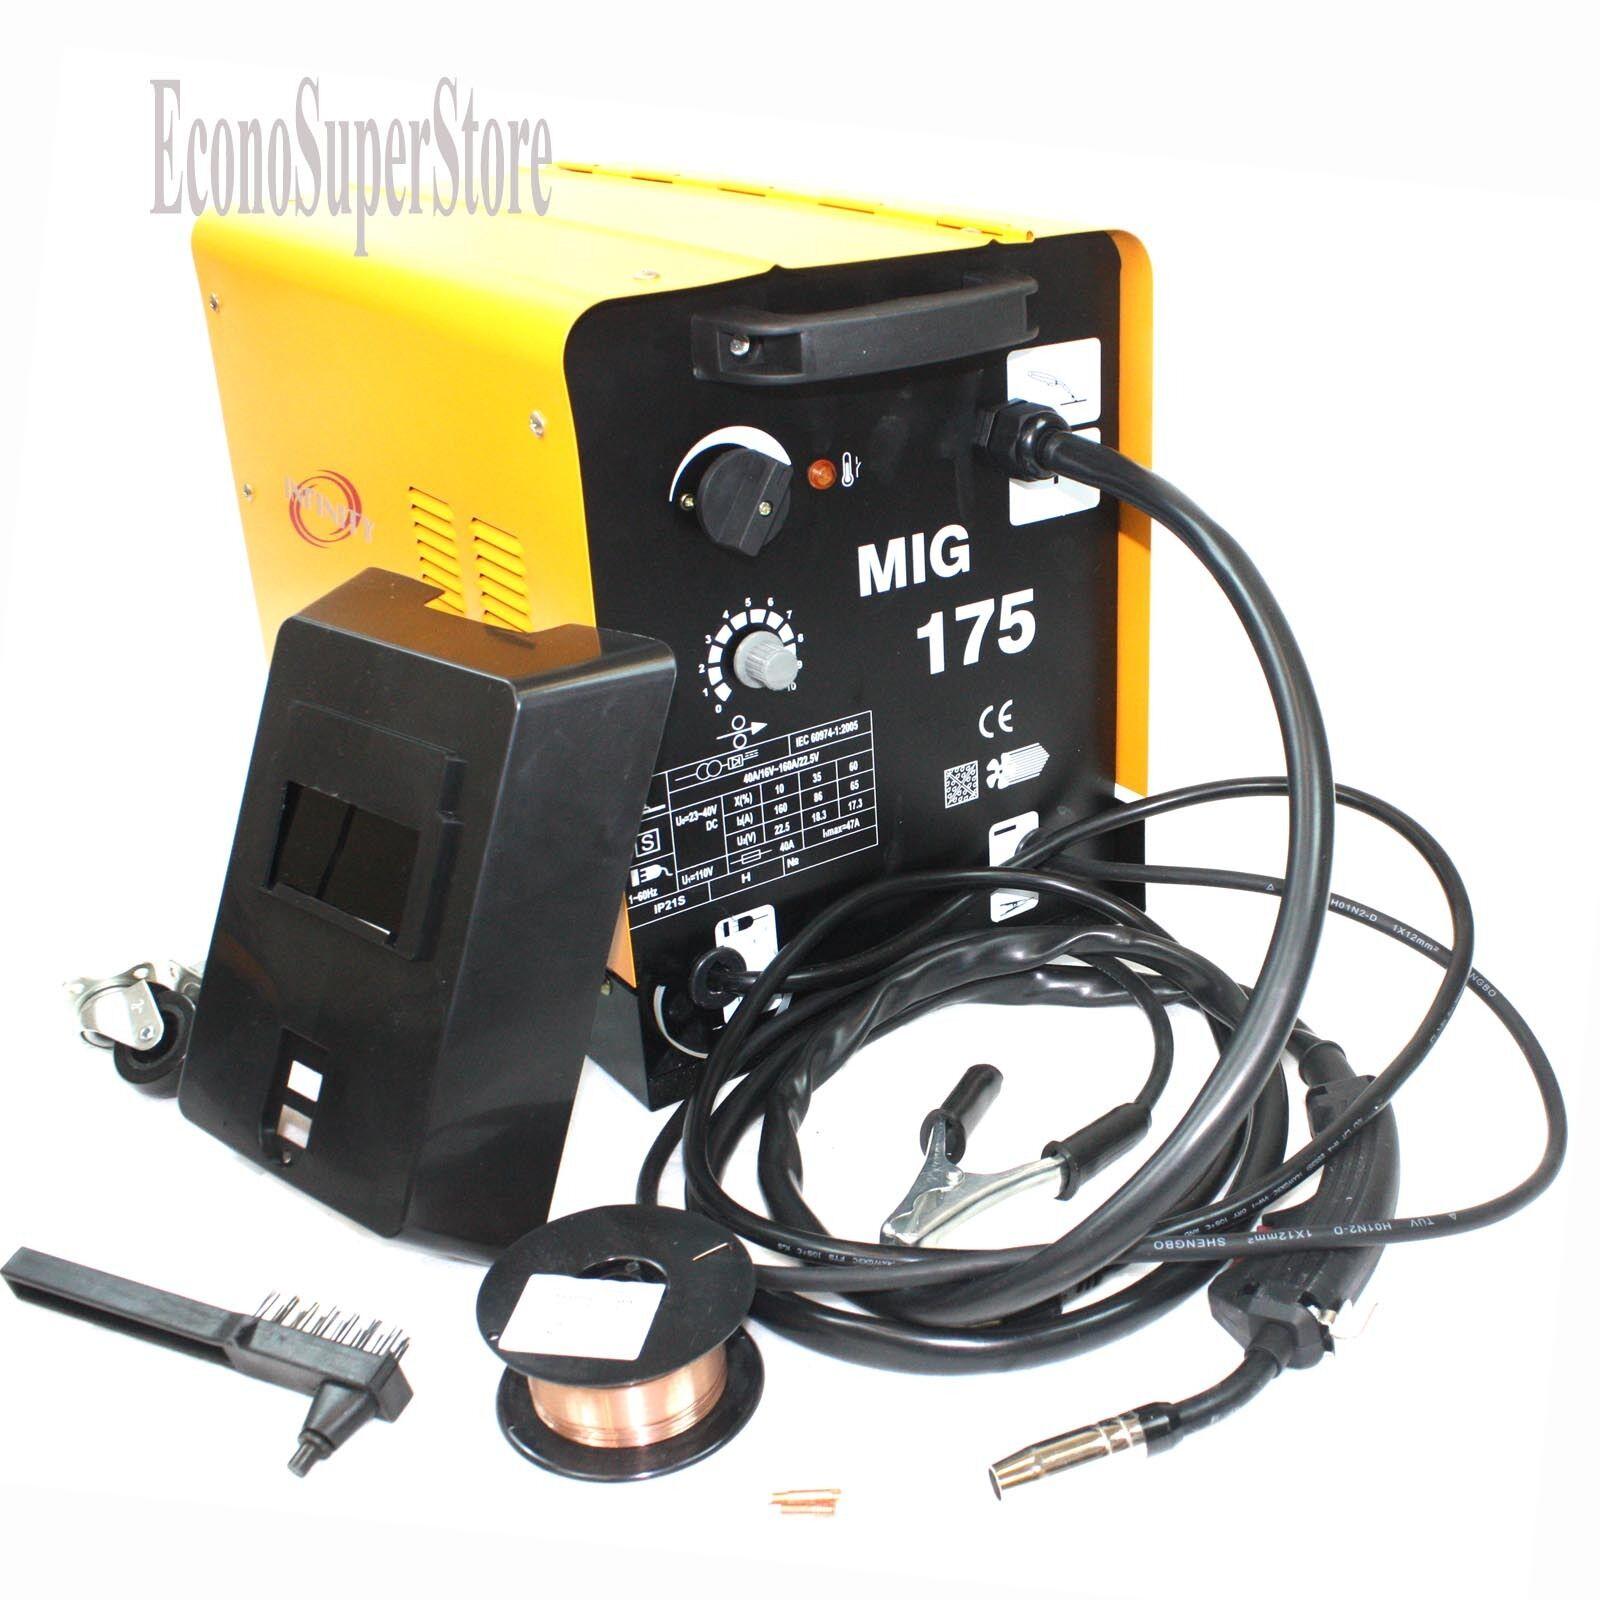 MIG 175 160AMP 110V Mag Flux Core Welding Machine Gas Welder ...